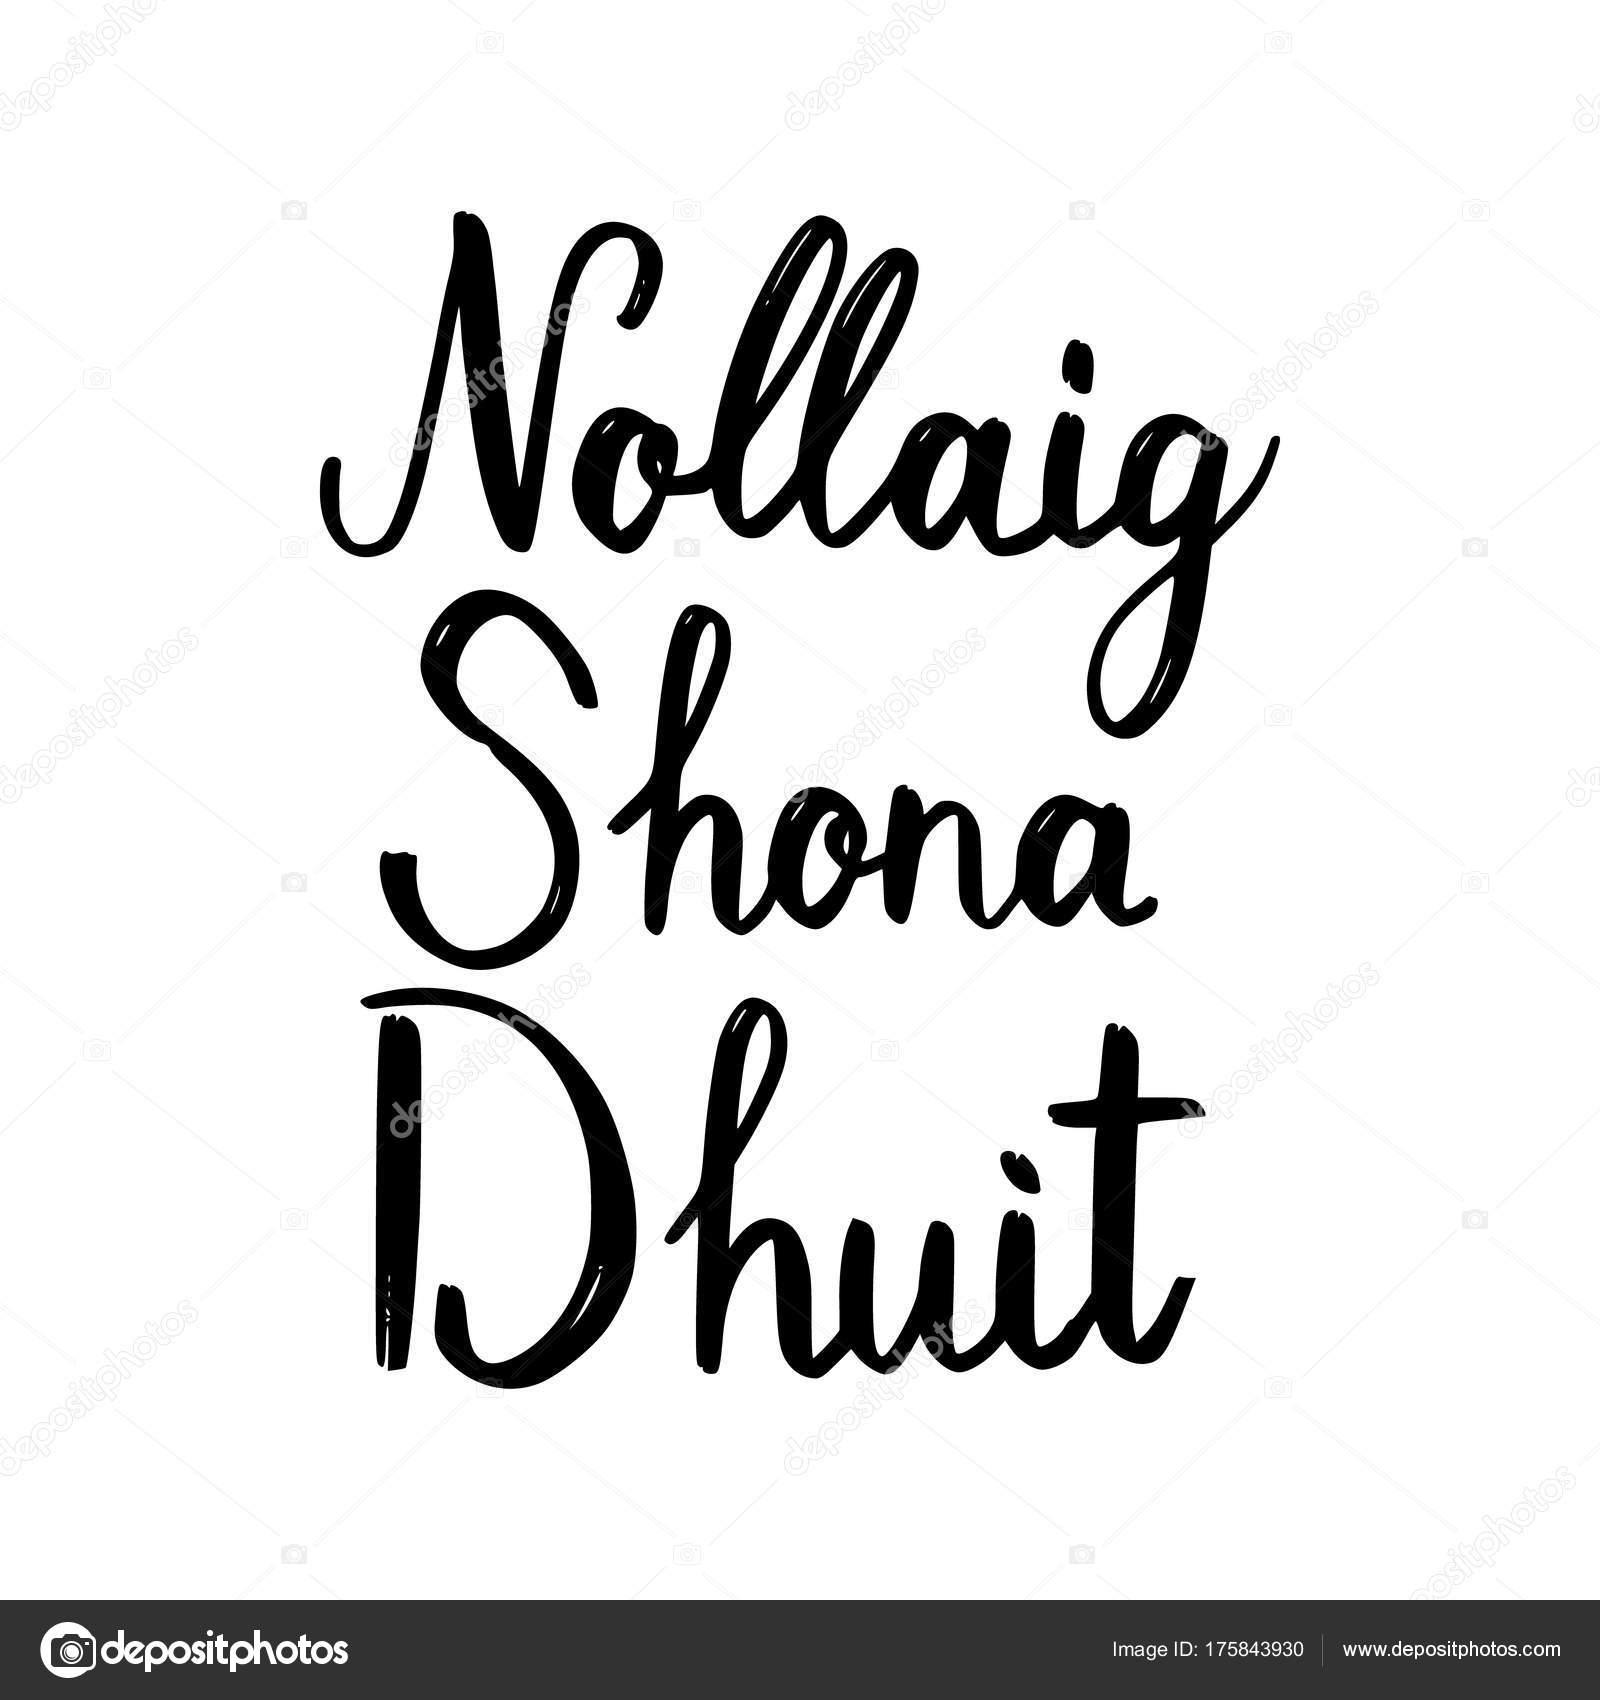 Frohe Weihnachten Irisch.Frohe Weihnachten Pinsel Schriftzug Auf Irisch Stockvektor